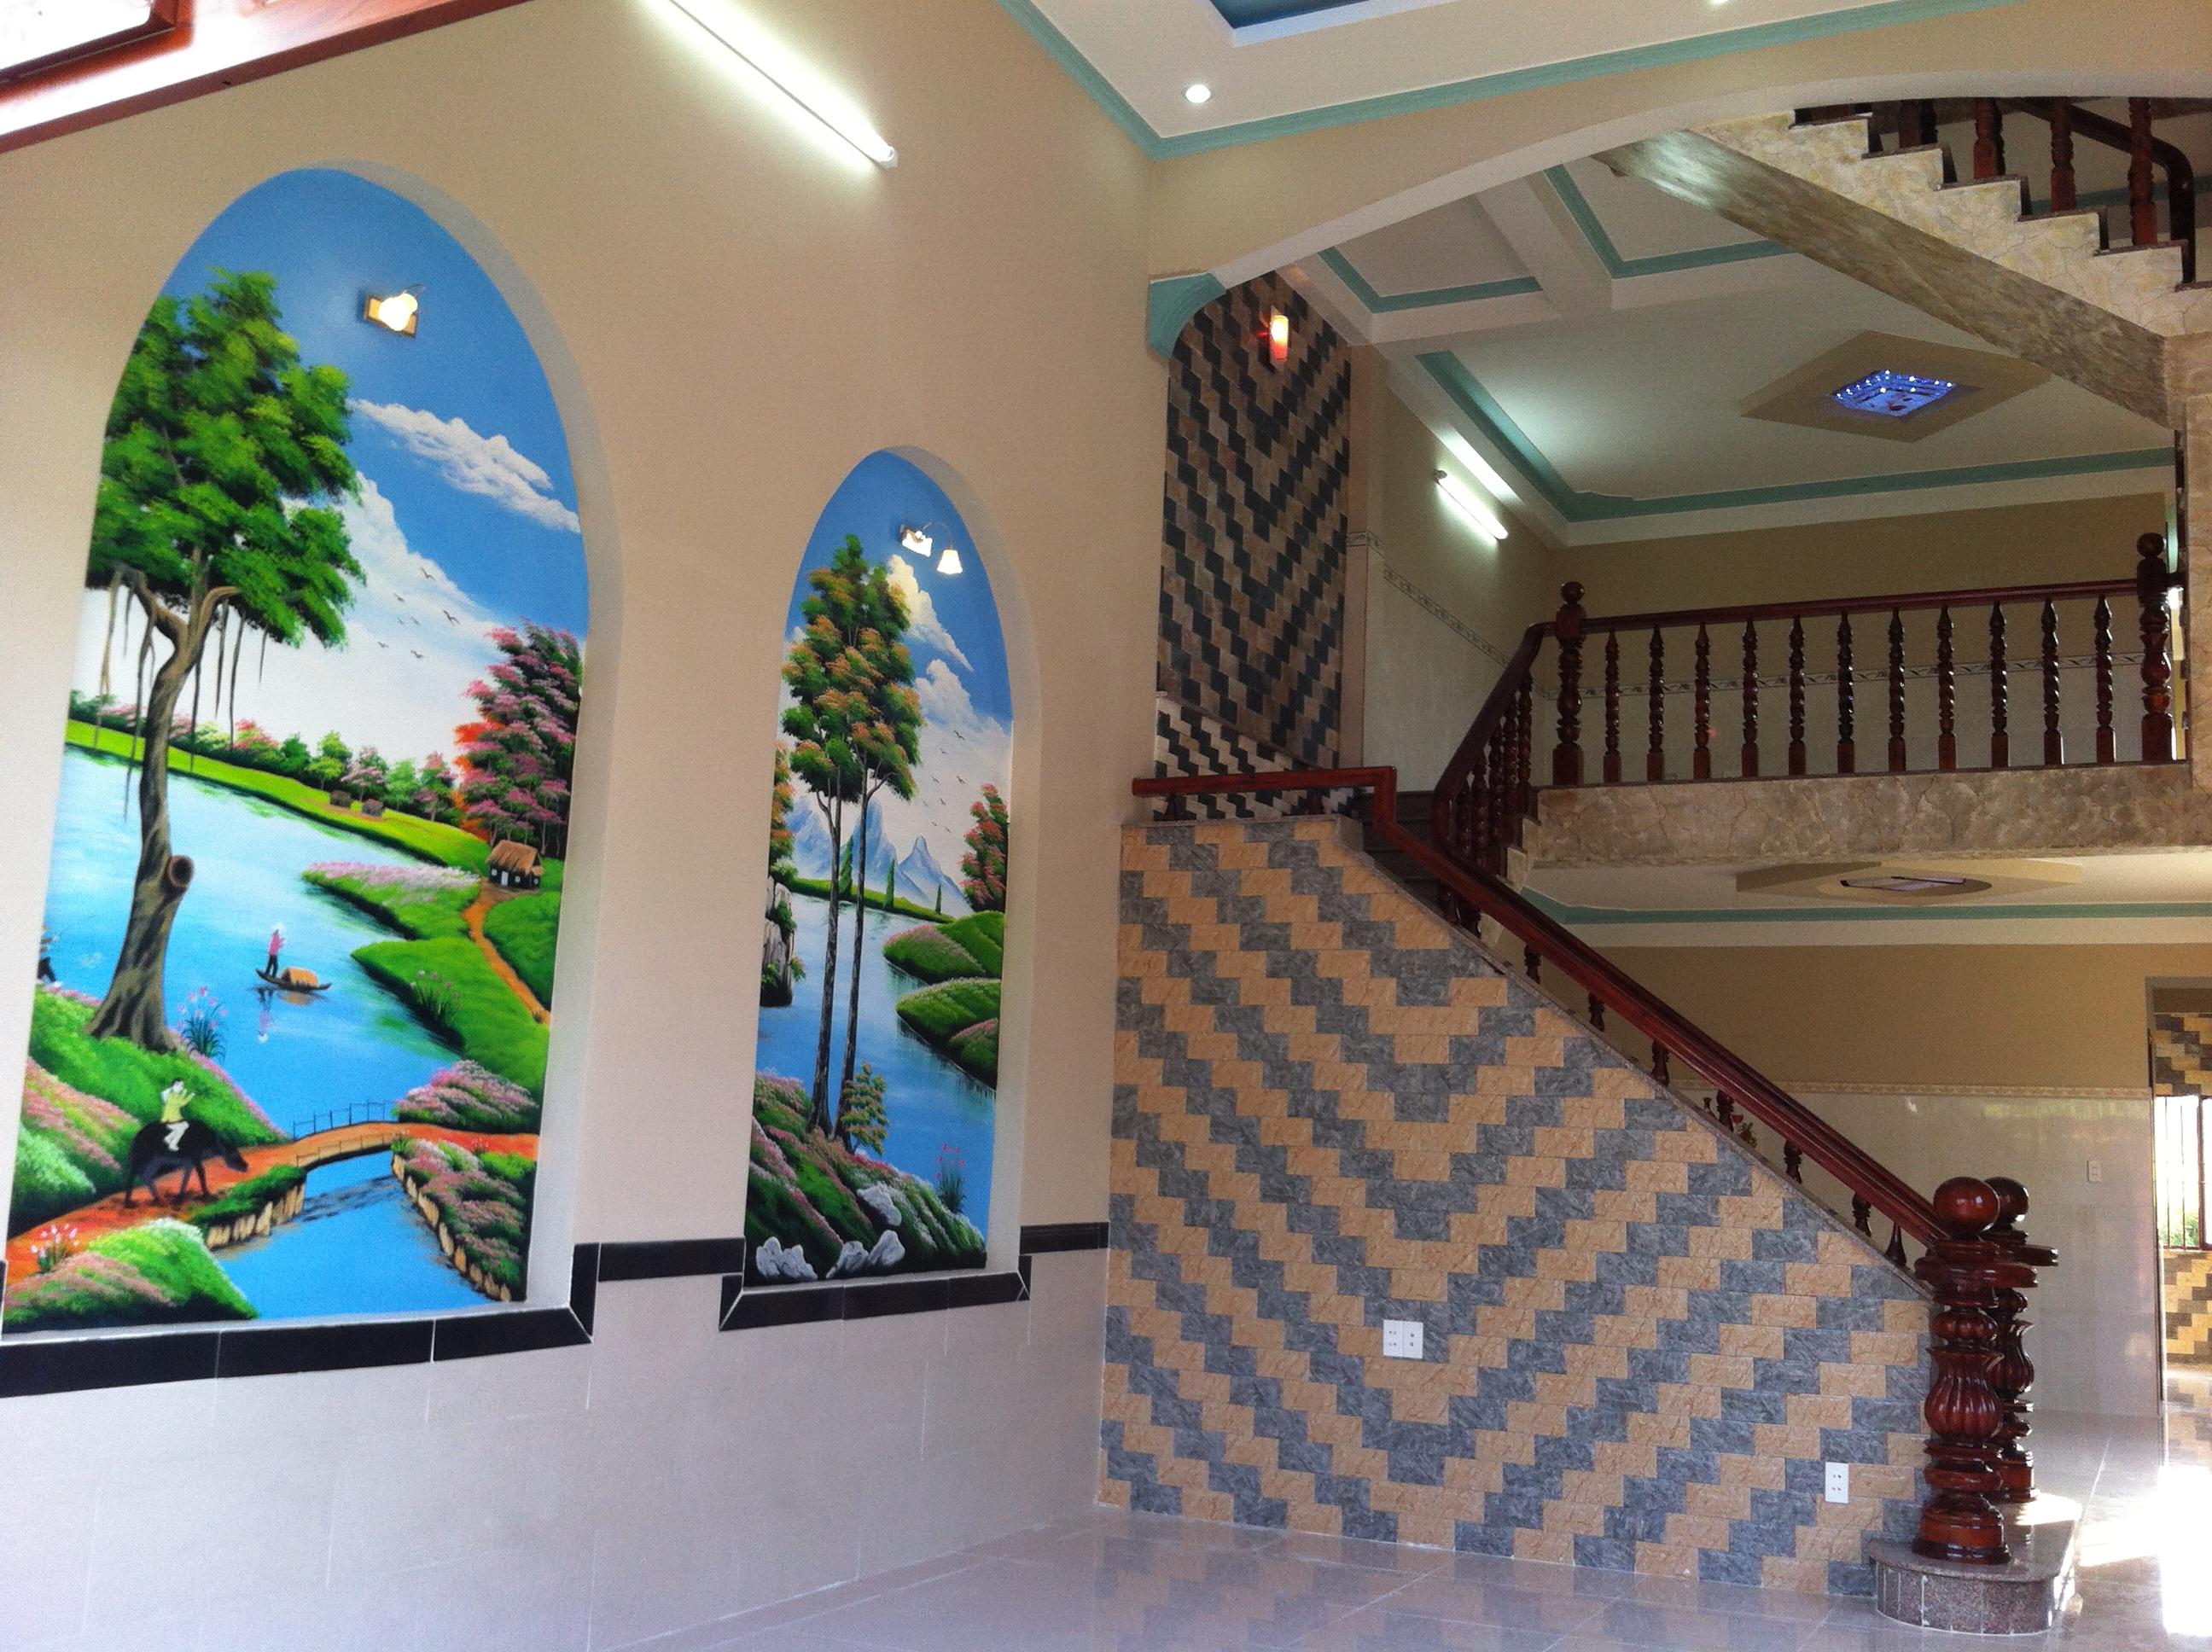 trang trí bên trong căn nhà 2 mặt tiền kinh doanh buôn bán tốt ở thị xã dĩ an